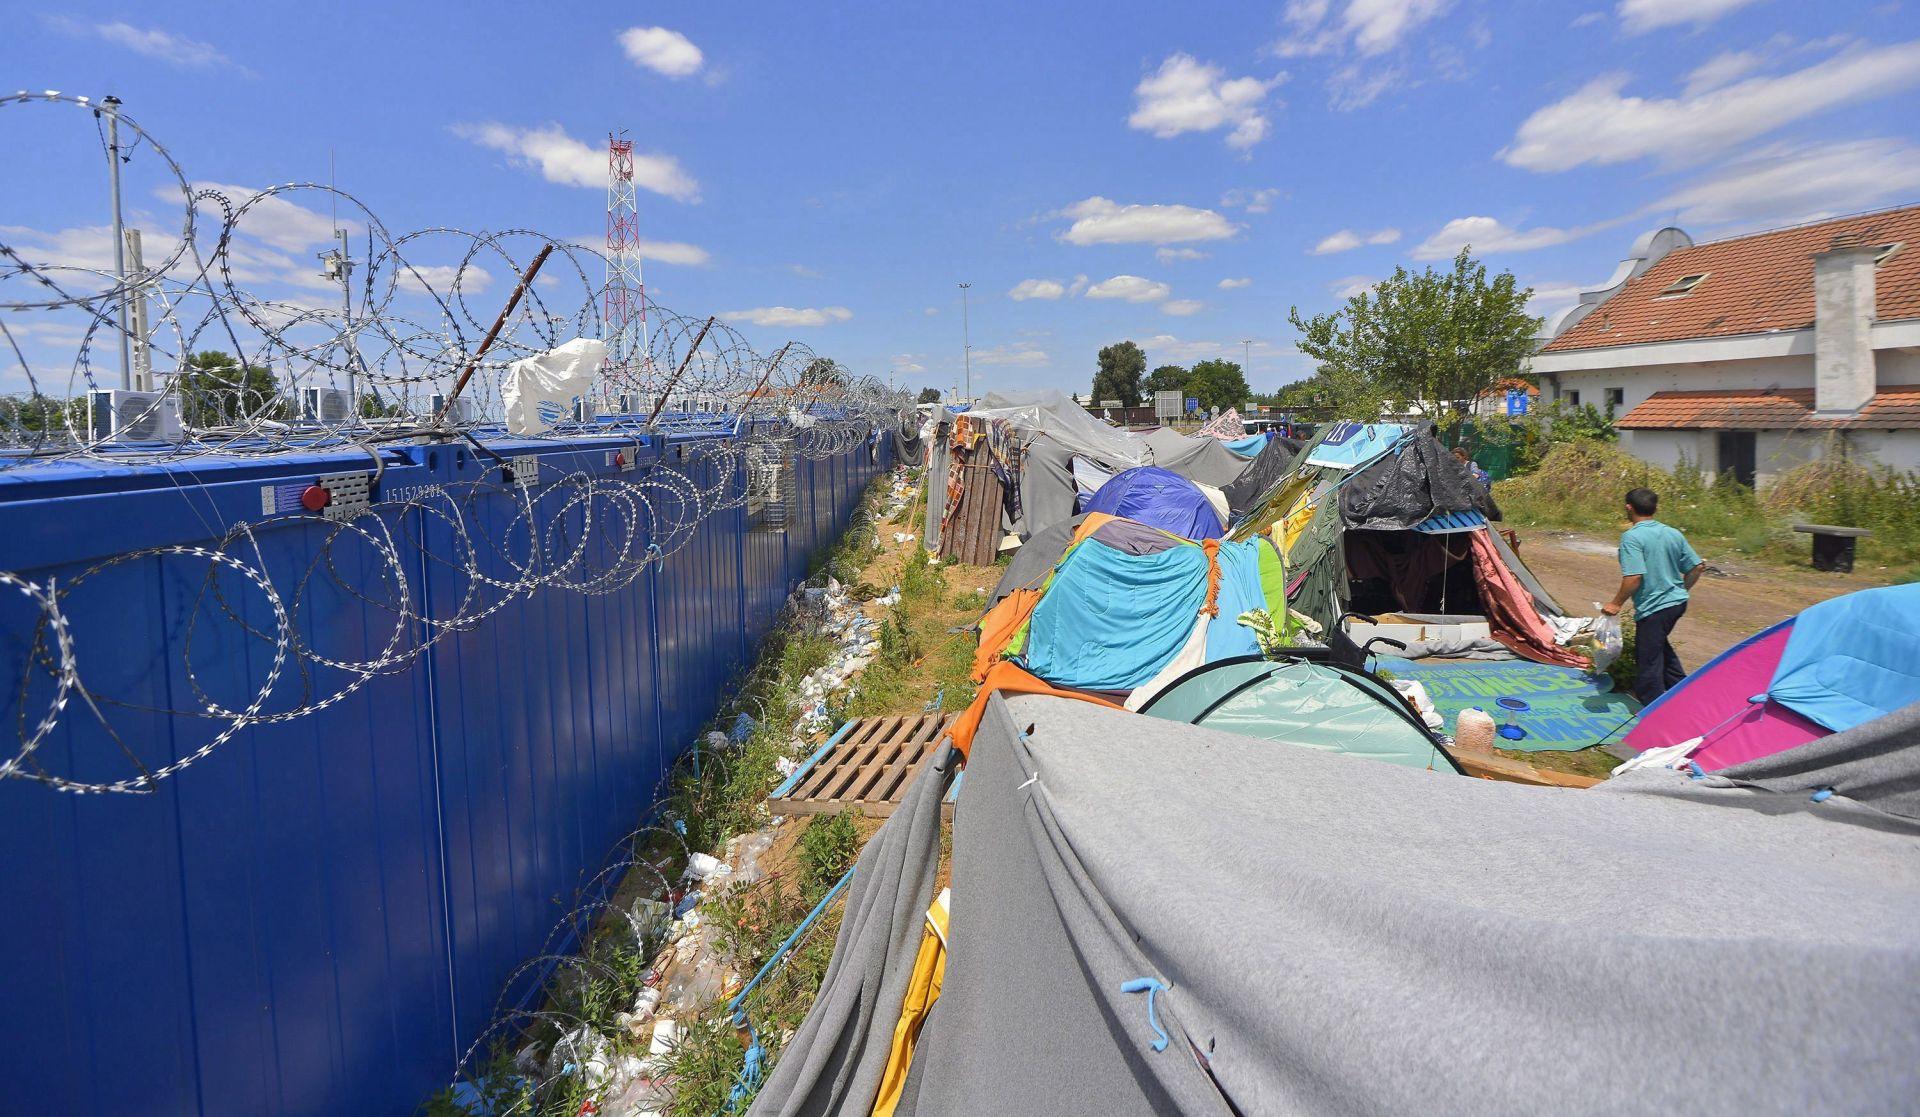 OŠTRE MJERE KONTROLE: Mađarska počela vraćati ilegalne migrante u Srbiju